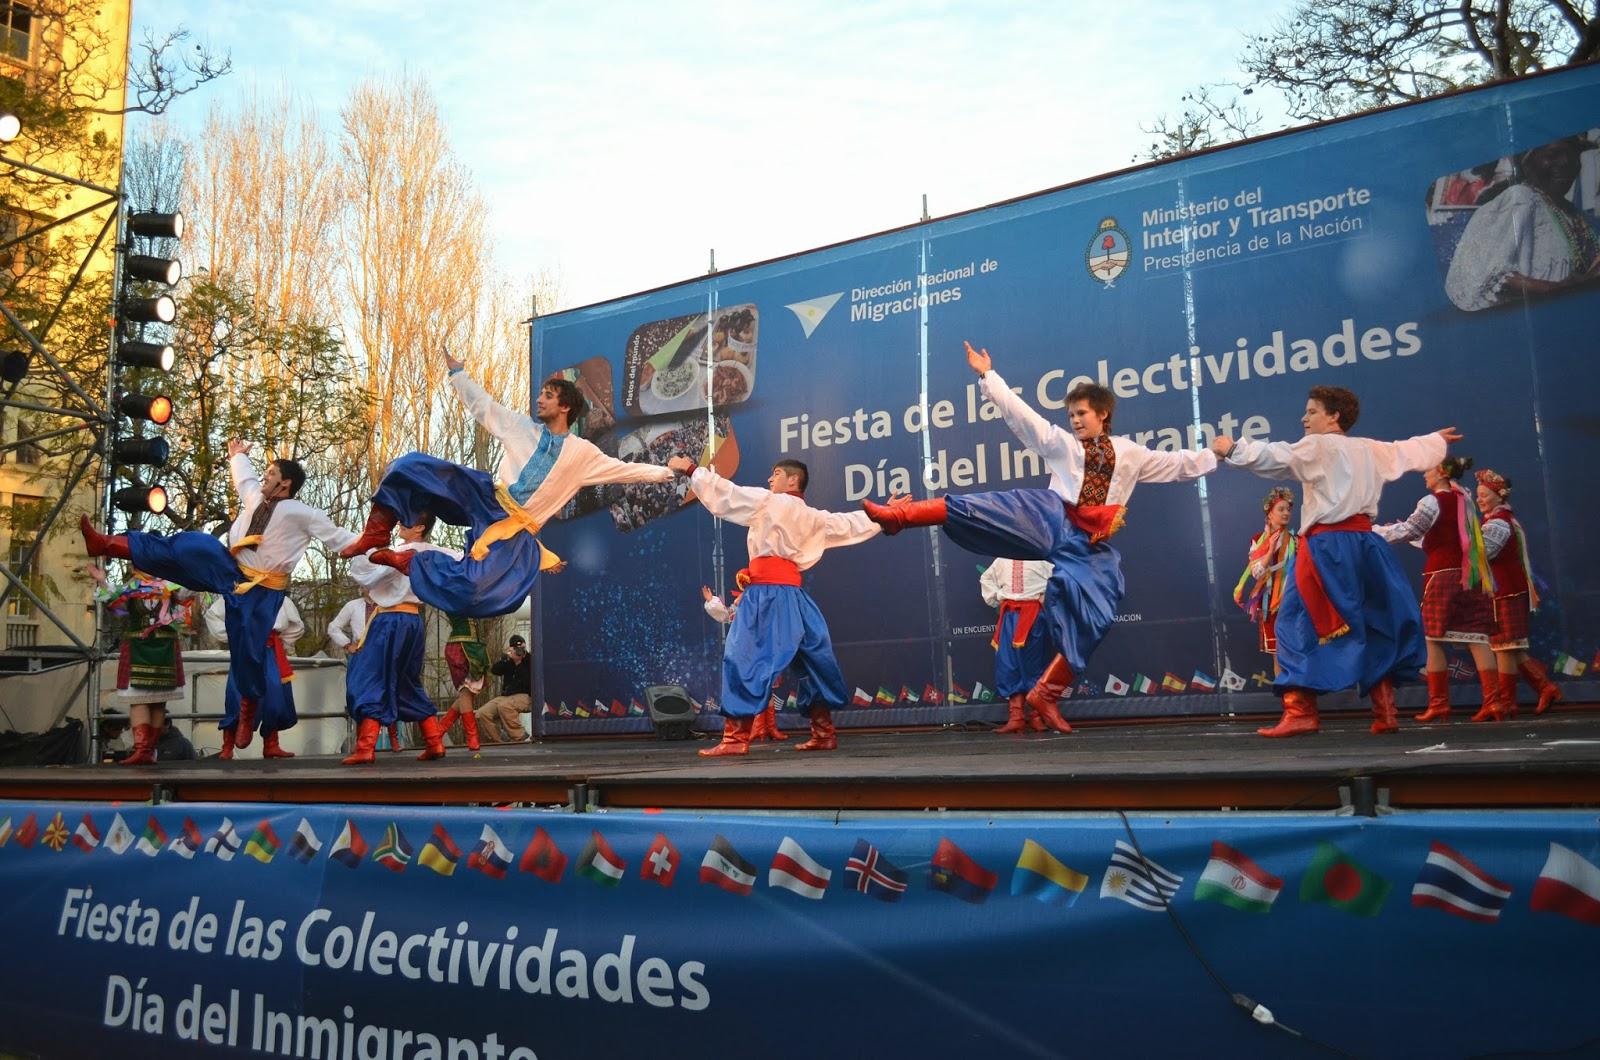 La festividad será en el parque interno de Migraciones, en el antiguo Hotel de Inmigrantes.